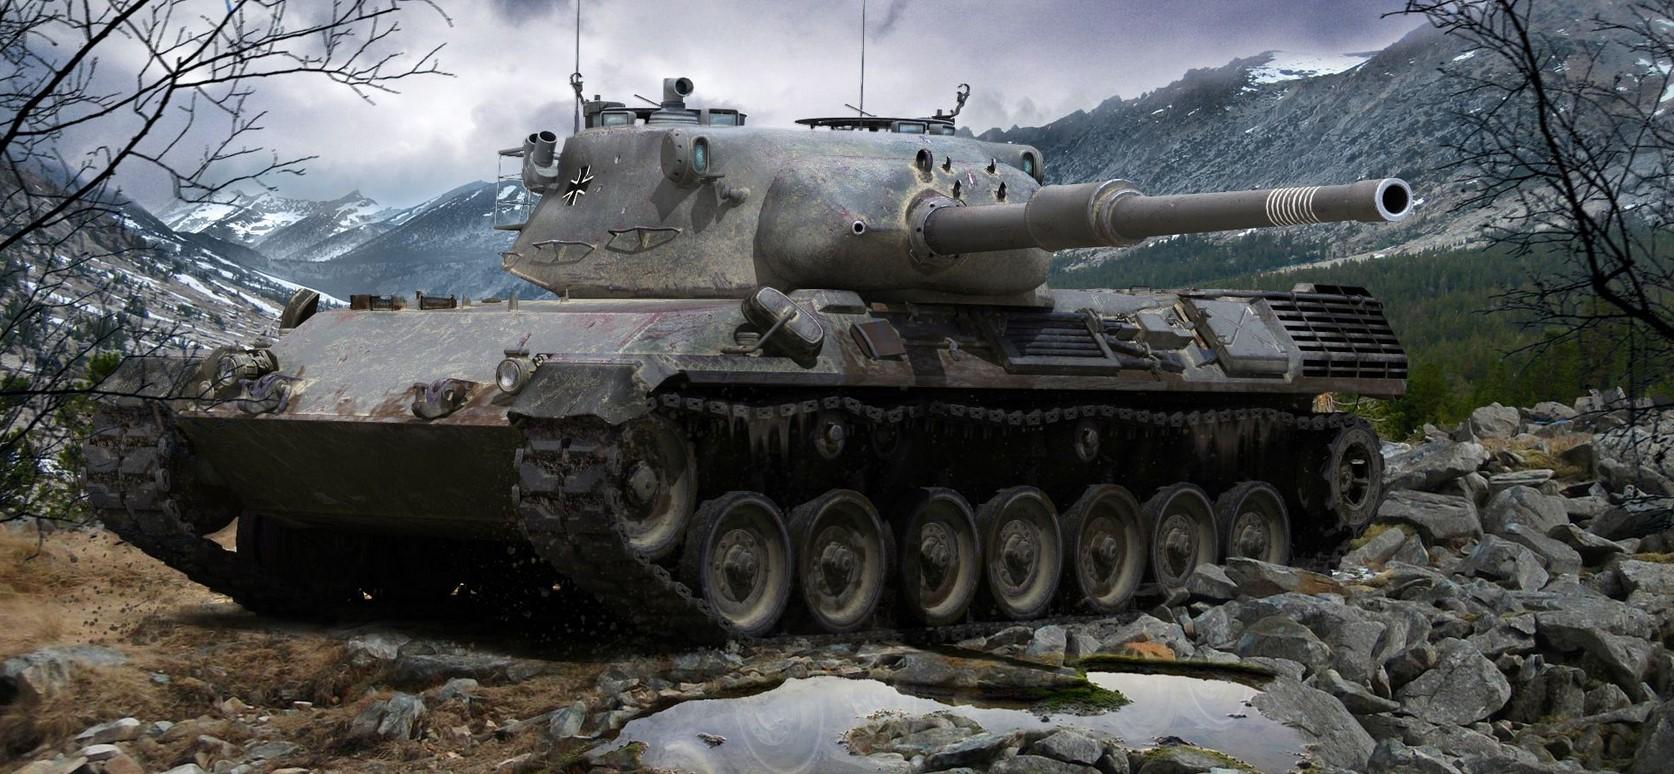 Leopard 1 — немецкий средний танк 10 уровня в World of Tanks